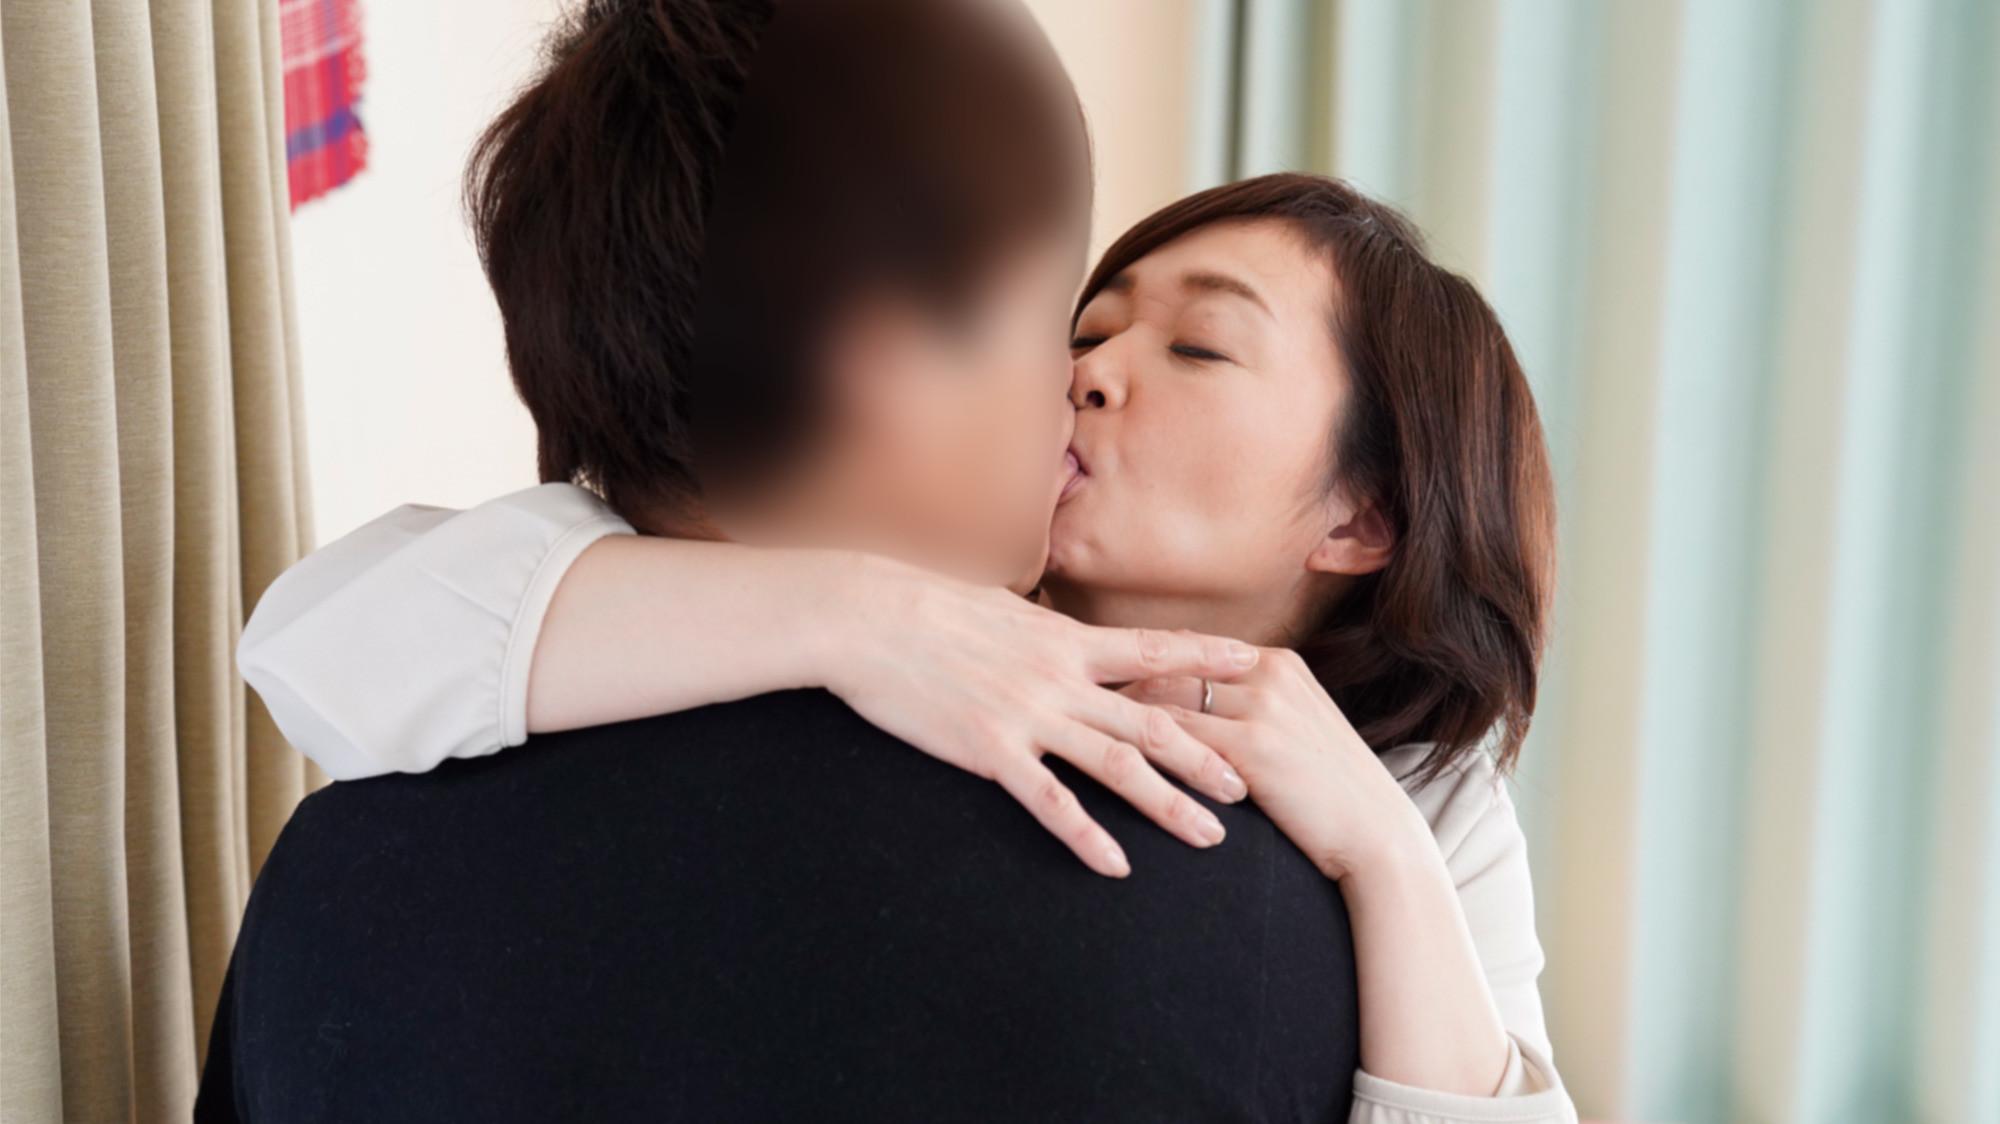 夢にまで見た近親相姦・・・息子が欲しかった五十路妻の願望を叶える年の差種付けセックス!